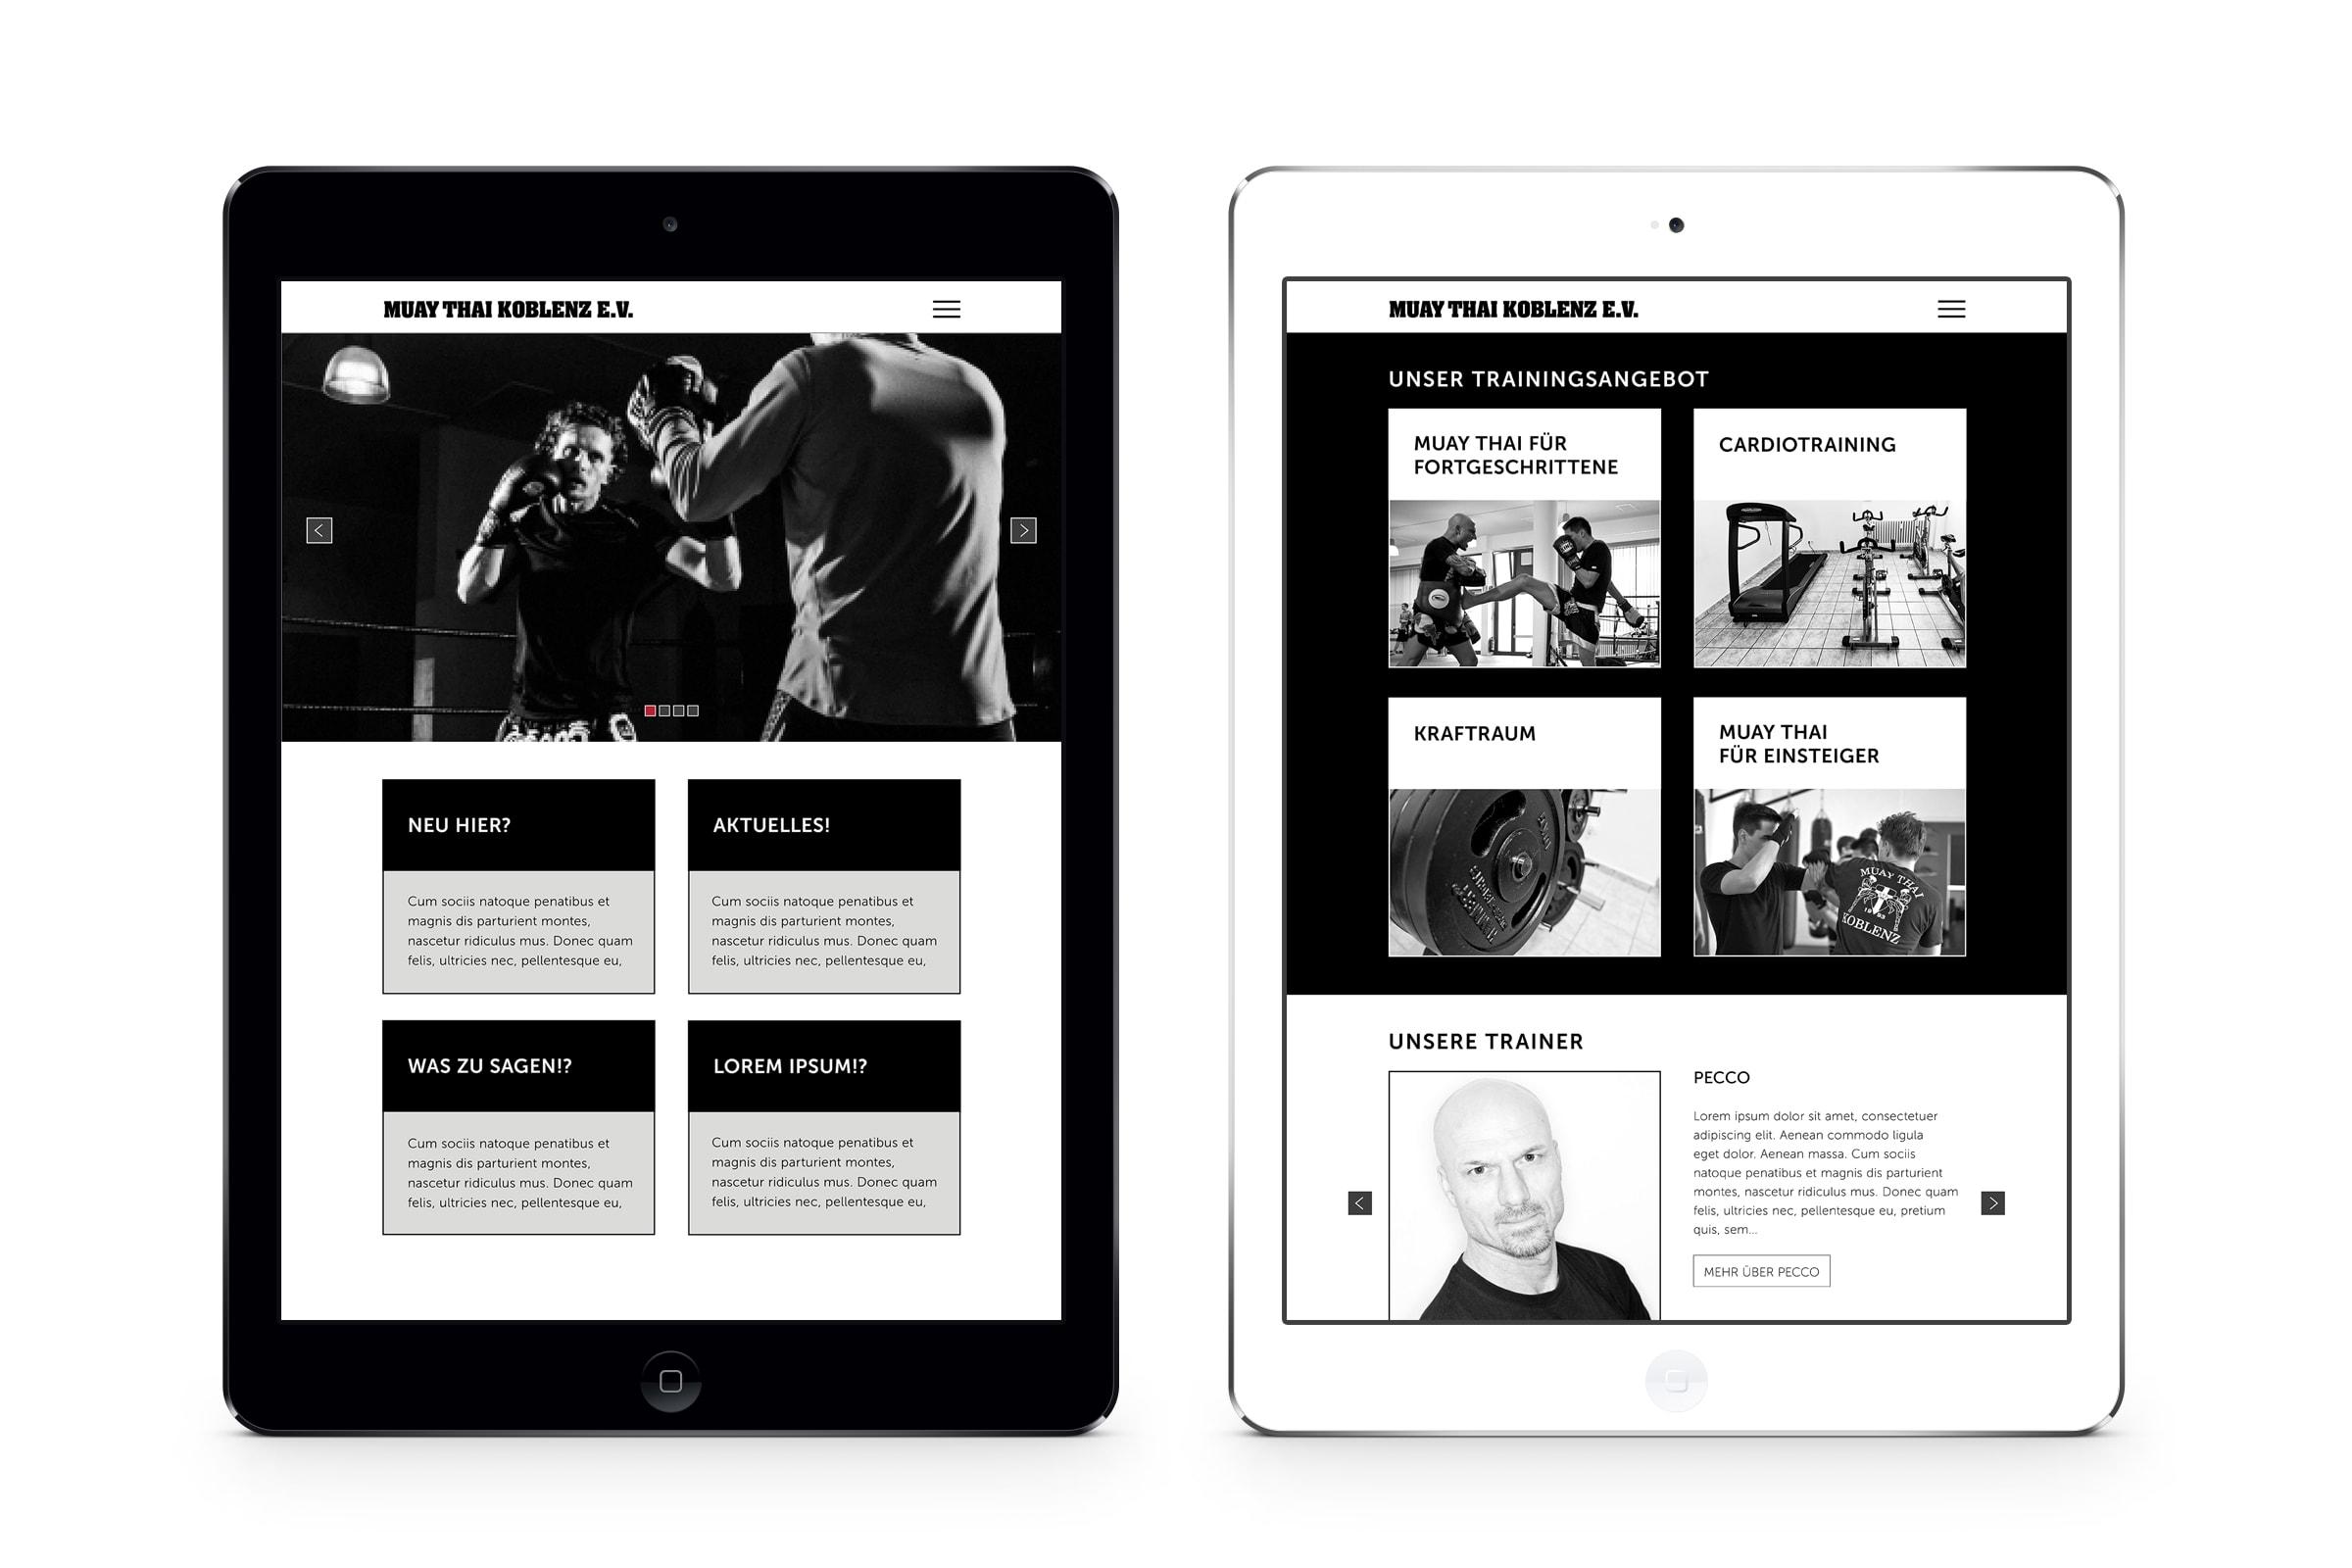 Webseite für einen Kampfsportverein aus Koblenz. Das Webdesign wurde durch die Designagentur mieker - Konzept Design Strategie entwickelt. Das Screendesign folgt der Identität des Vereines. Regionen: Koblenz, Trier, Hermeskeil